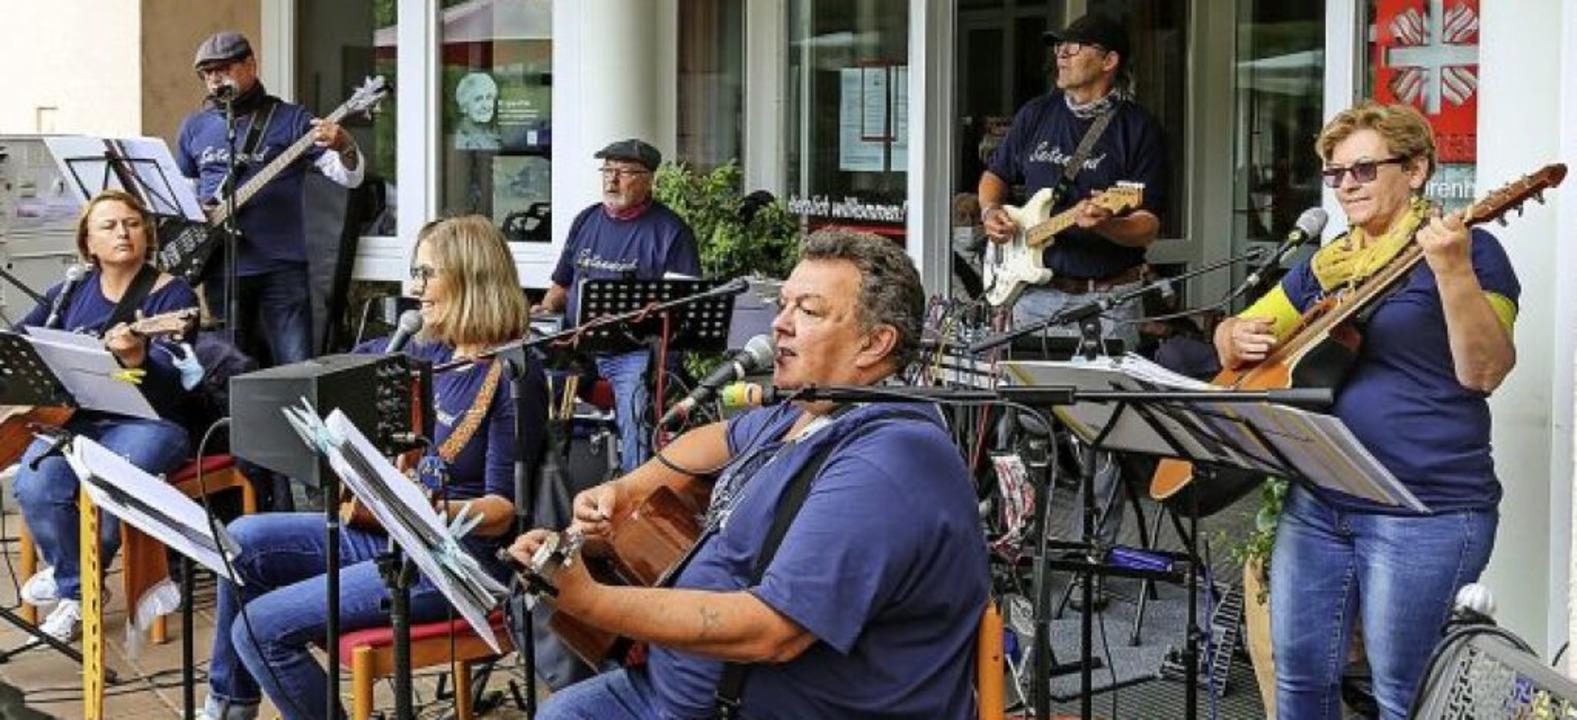 Saitenwind-Konzert in Corona-Zeiten   | Foto: Sandra Decoux-Kone